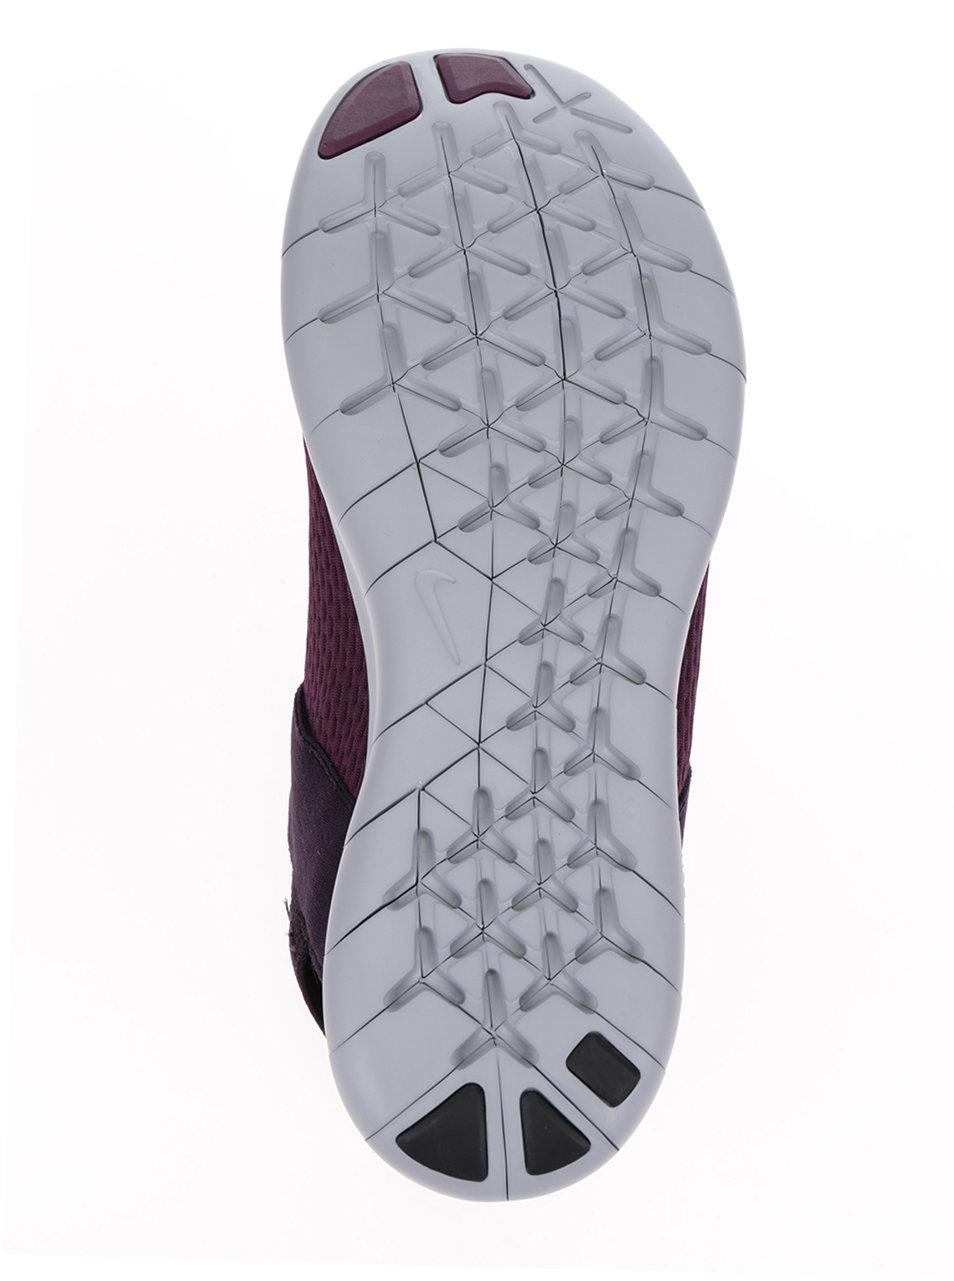 Fialové pánske tenisky so sivou podrážkou Nike Free RN Commuter ... 5263963e0fe